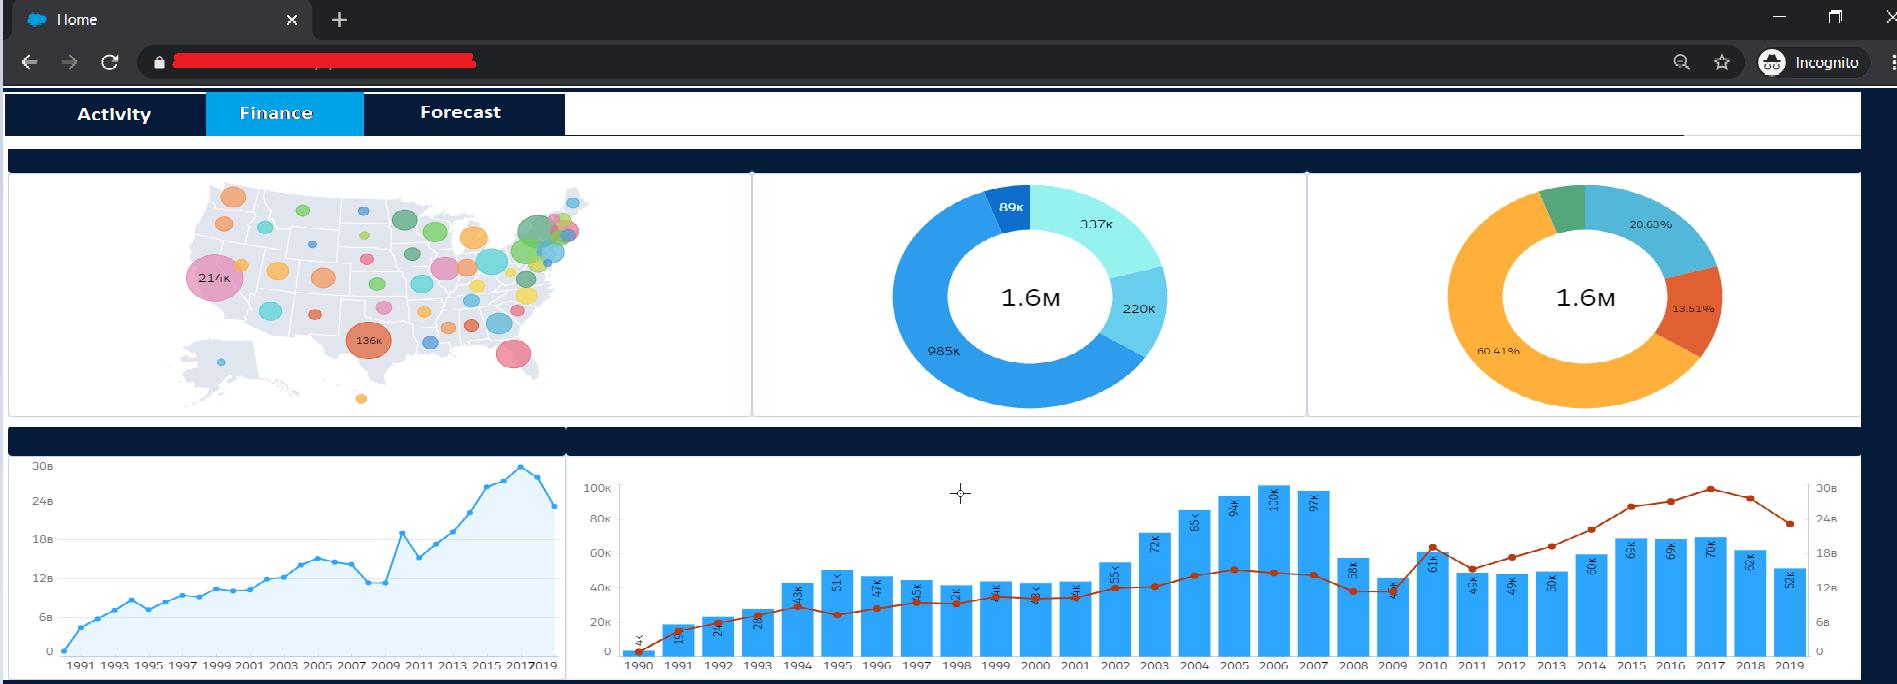 Einstein Analytics Dashboards In Communities image5